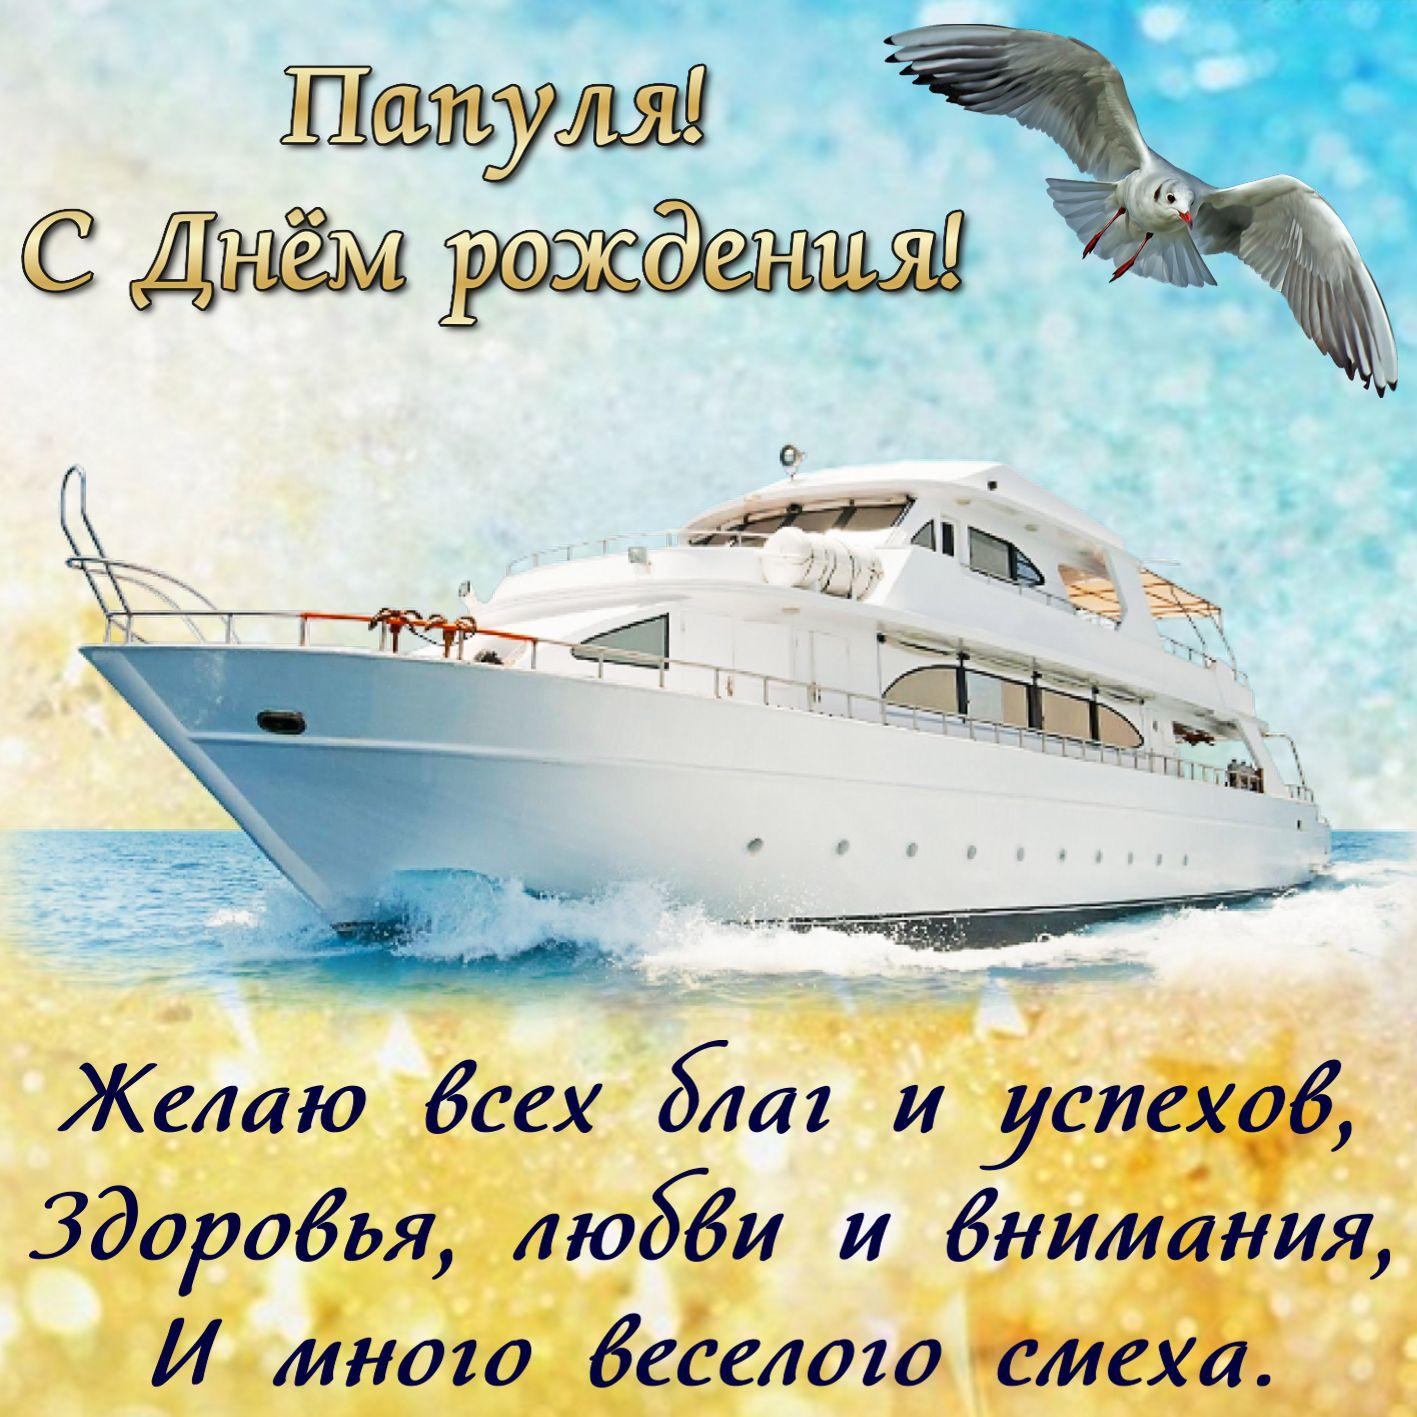 Красивая яхта с пожеланием для папы